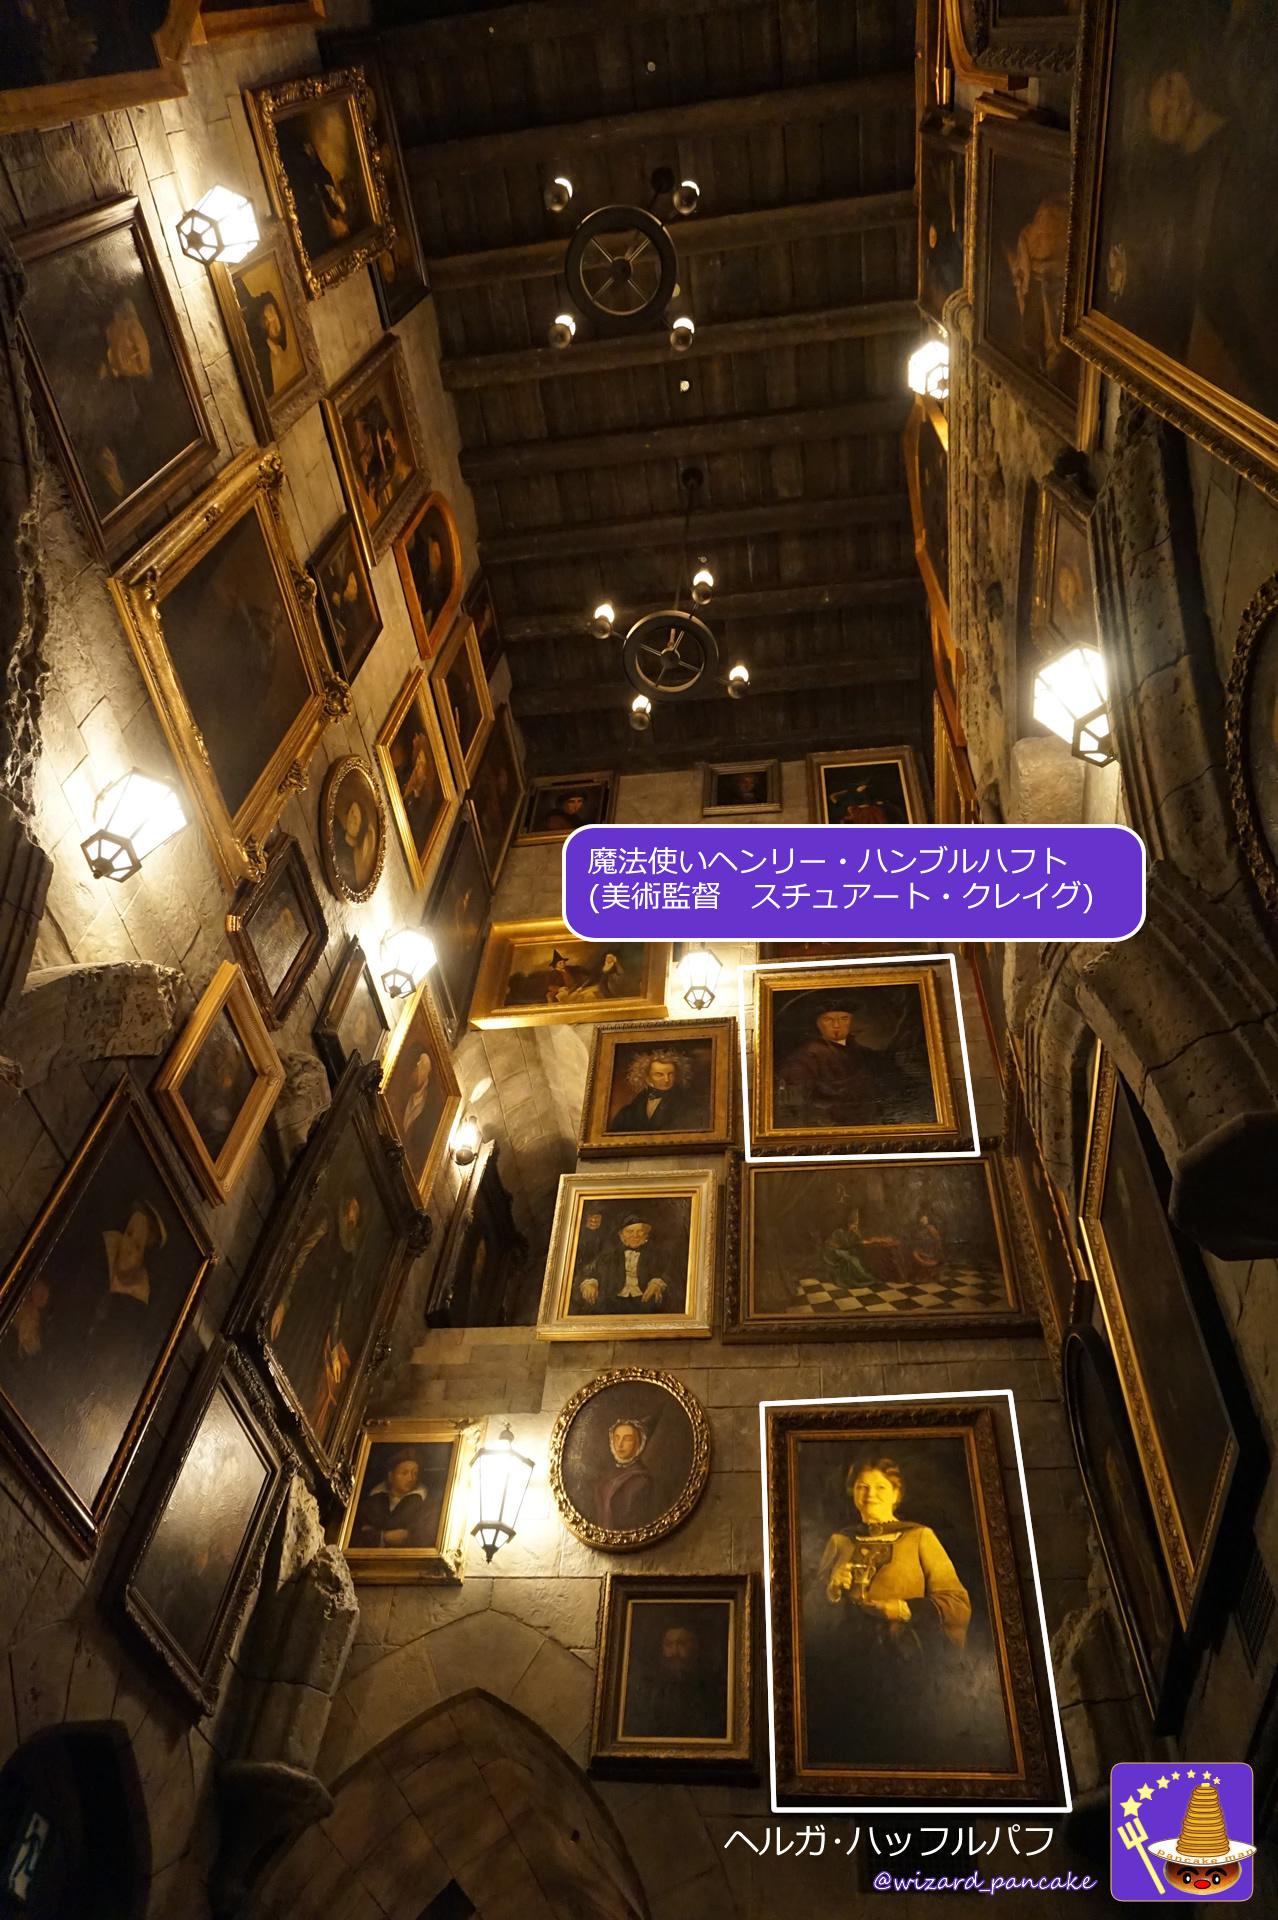 【隠れスポット】動く肖像画の廊下の絵画にデイビッド・ヘイマン殿とスチュアート・クレイグ美術監督! ホグワーツ城(USJハリーポッター魔法界)パンケーキマン・ダンブルドア